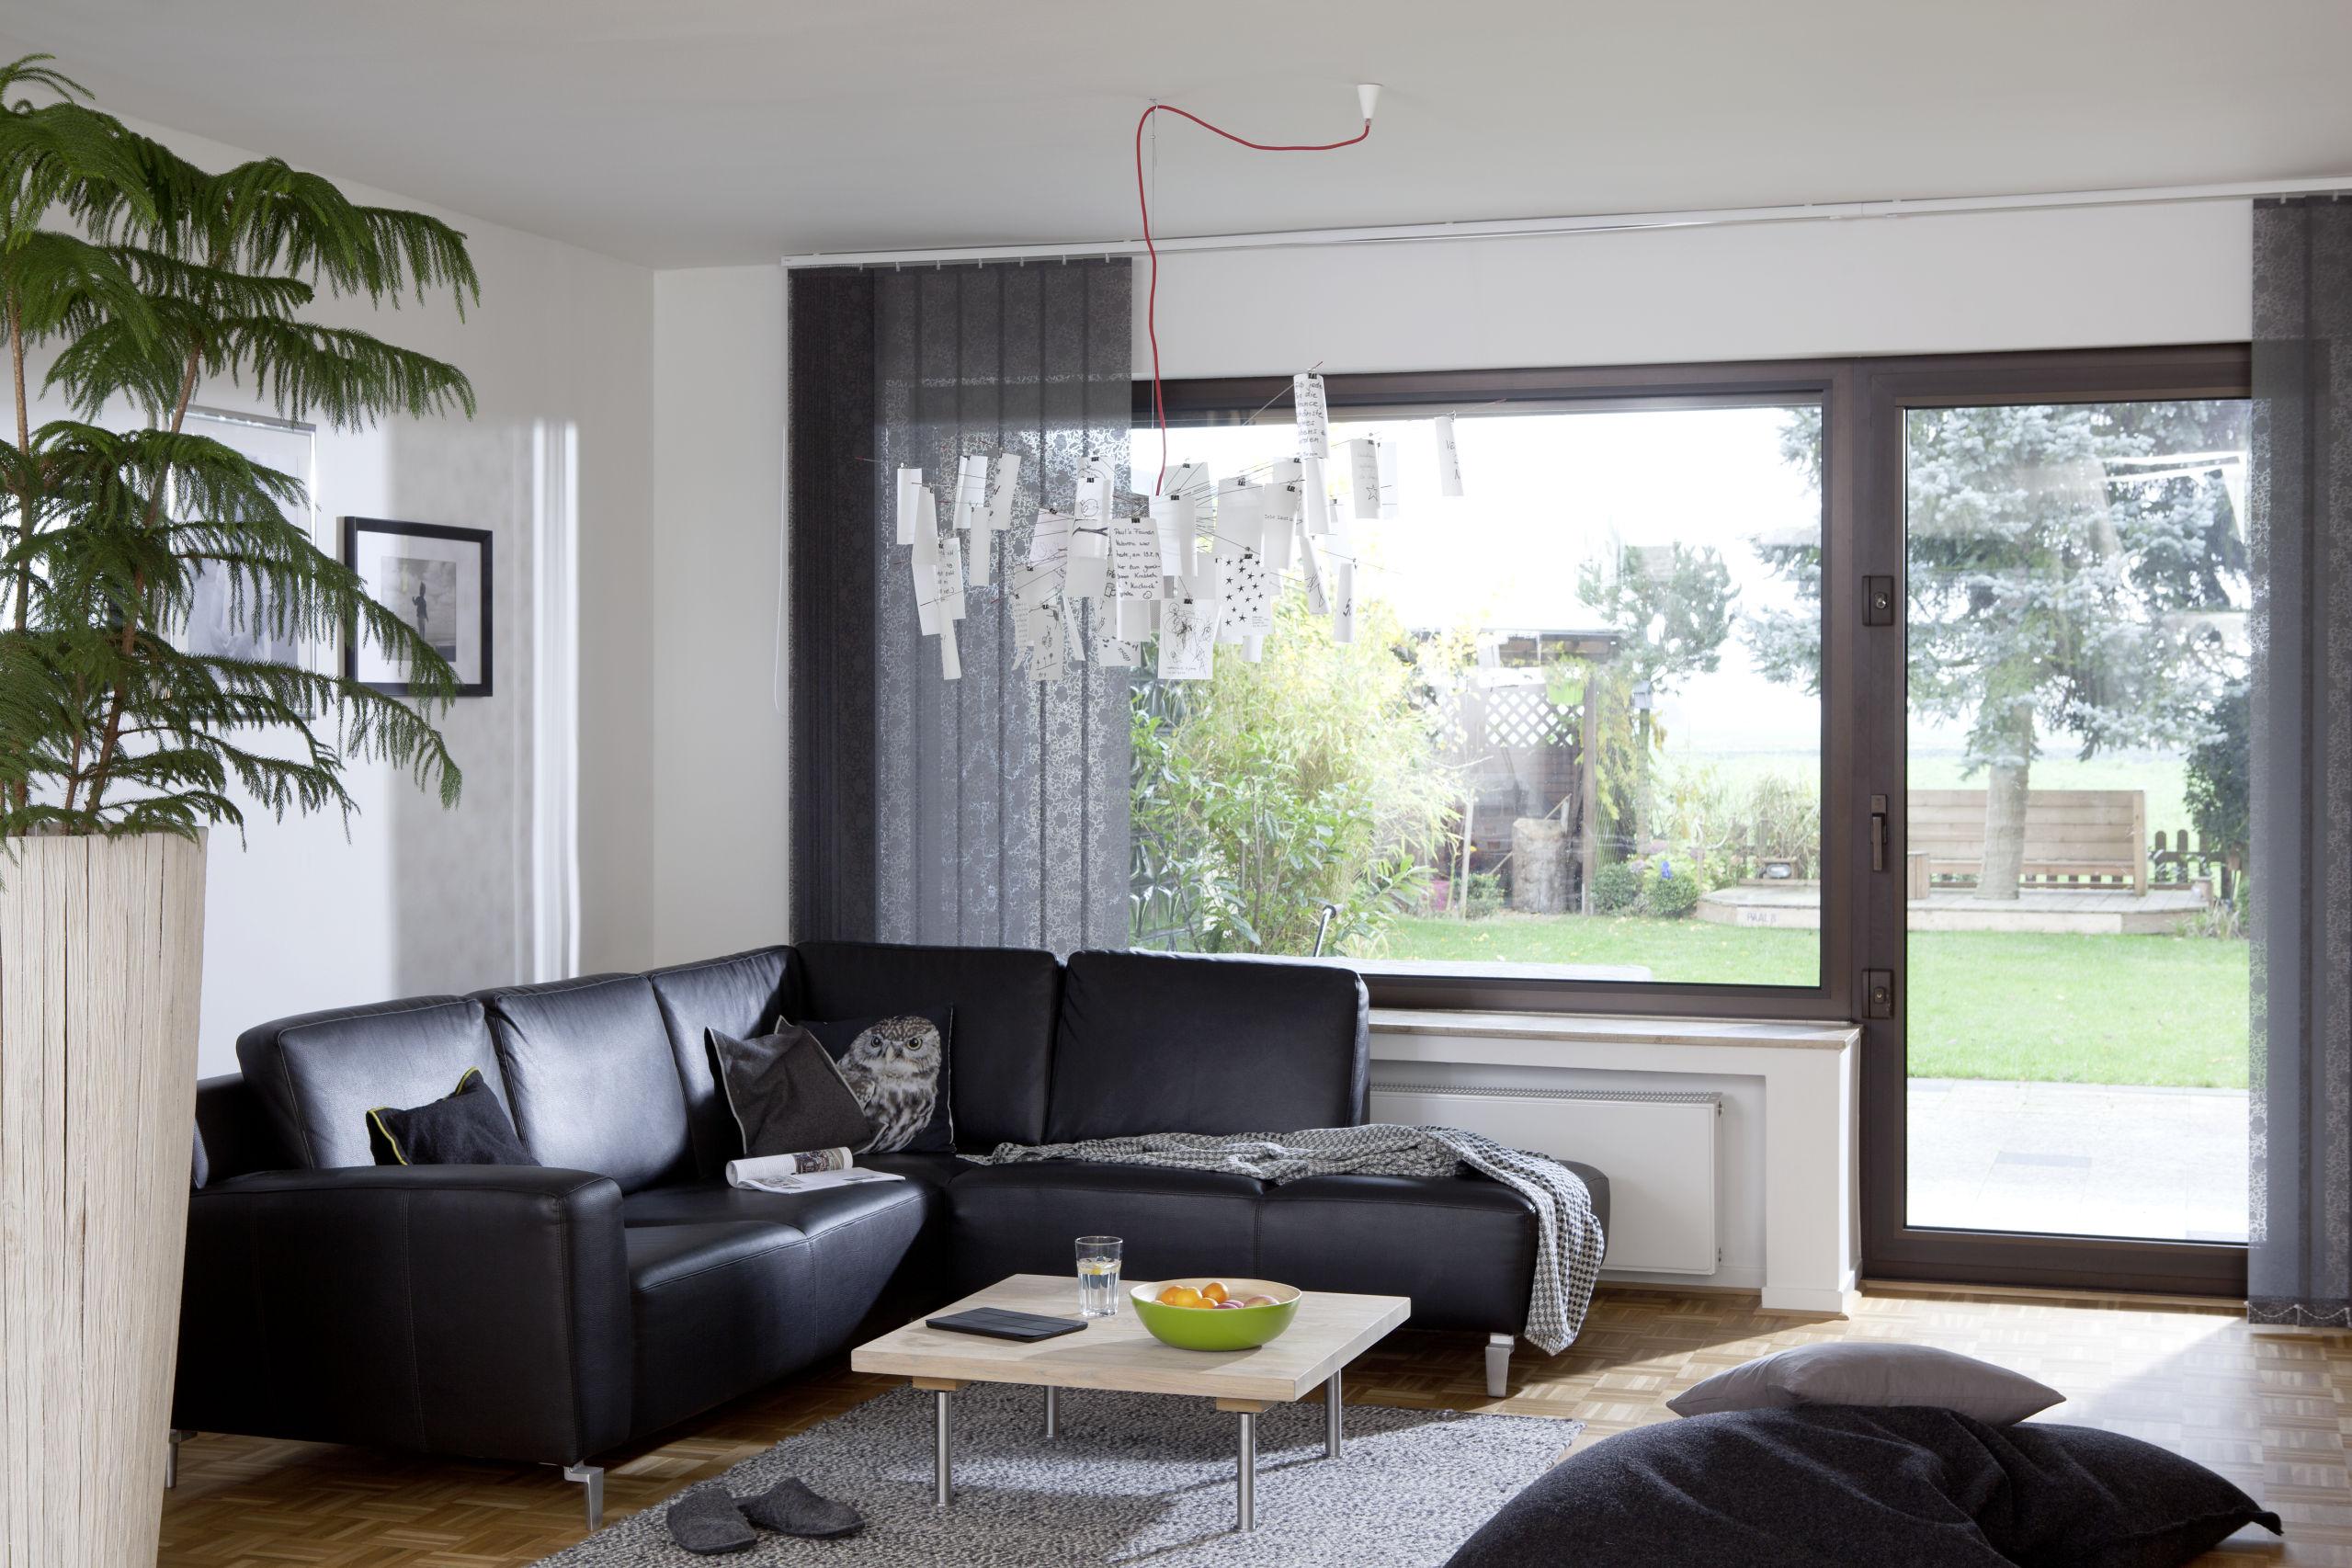 Lamellenvorhang raumausstattung gauweiler speyer - Raumausstattung wohnzimmer ...